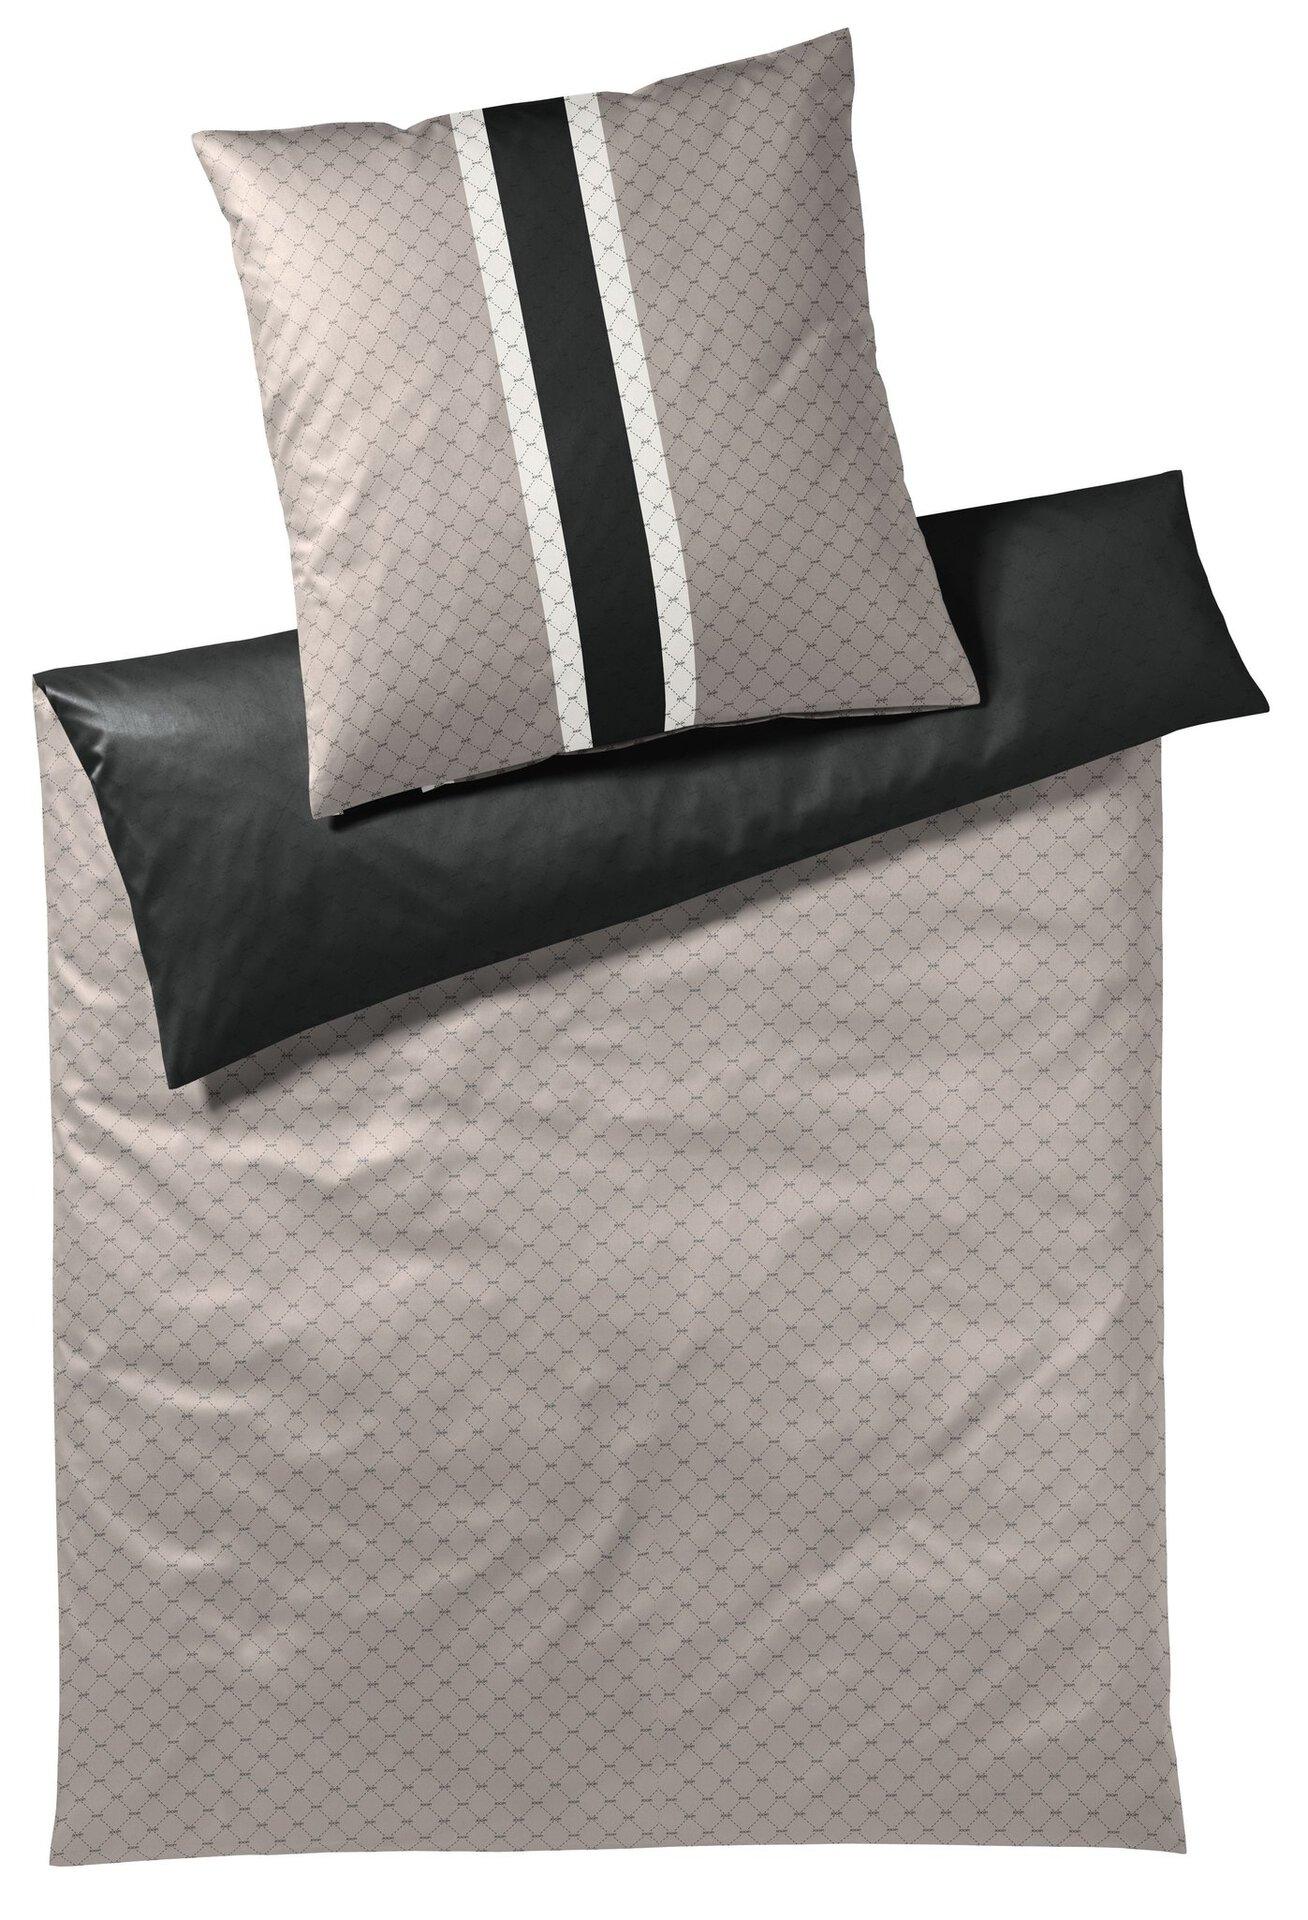 Satin-Bettwäsche Signature Joop! Textil schwarz 155 x 220 cm